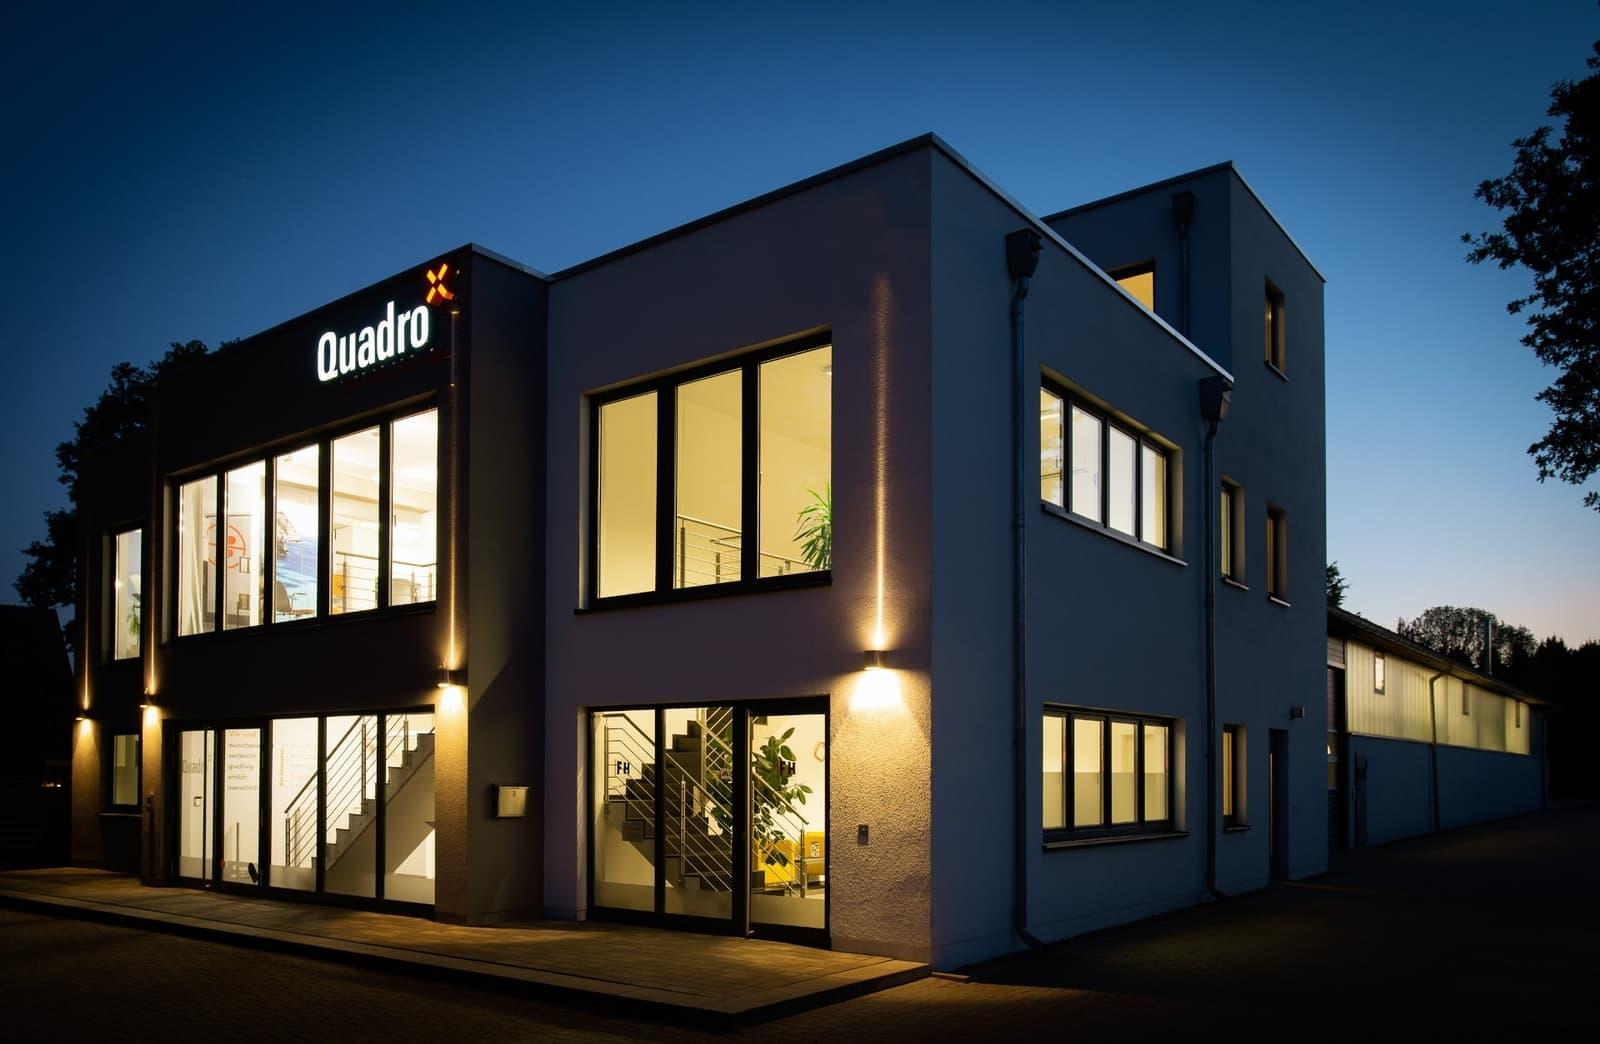 Quadro_Gebaeude_min-p-1600.jpeg – Quadro GmbH